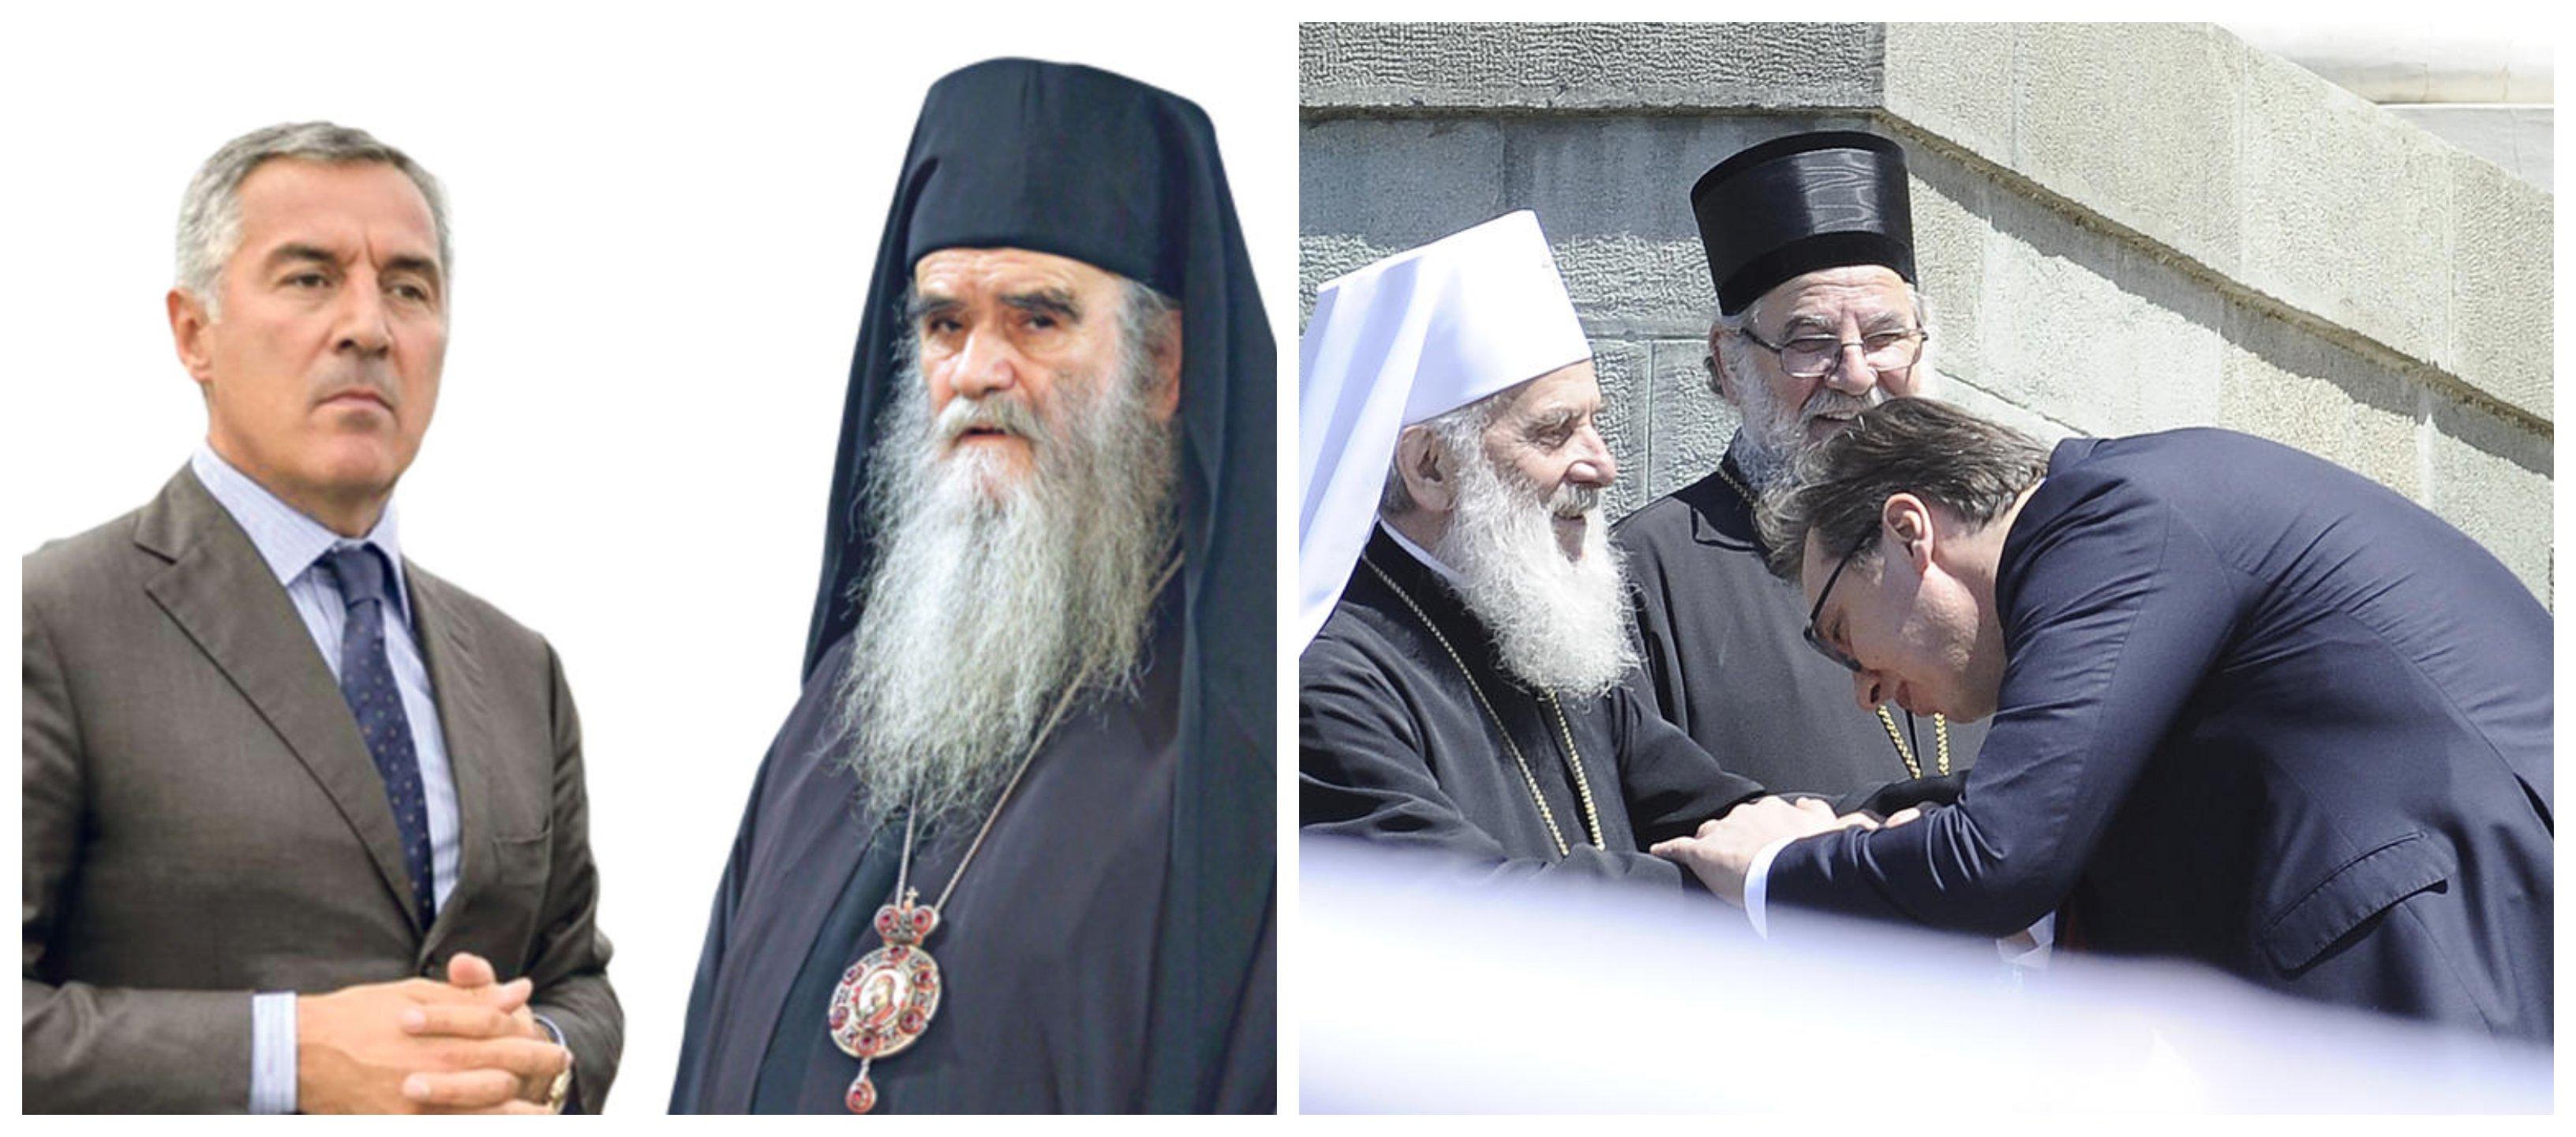 SPC bi da Đukanović ljubi ruku Amfilohiju, kao Vučić Irineju